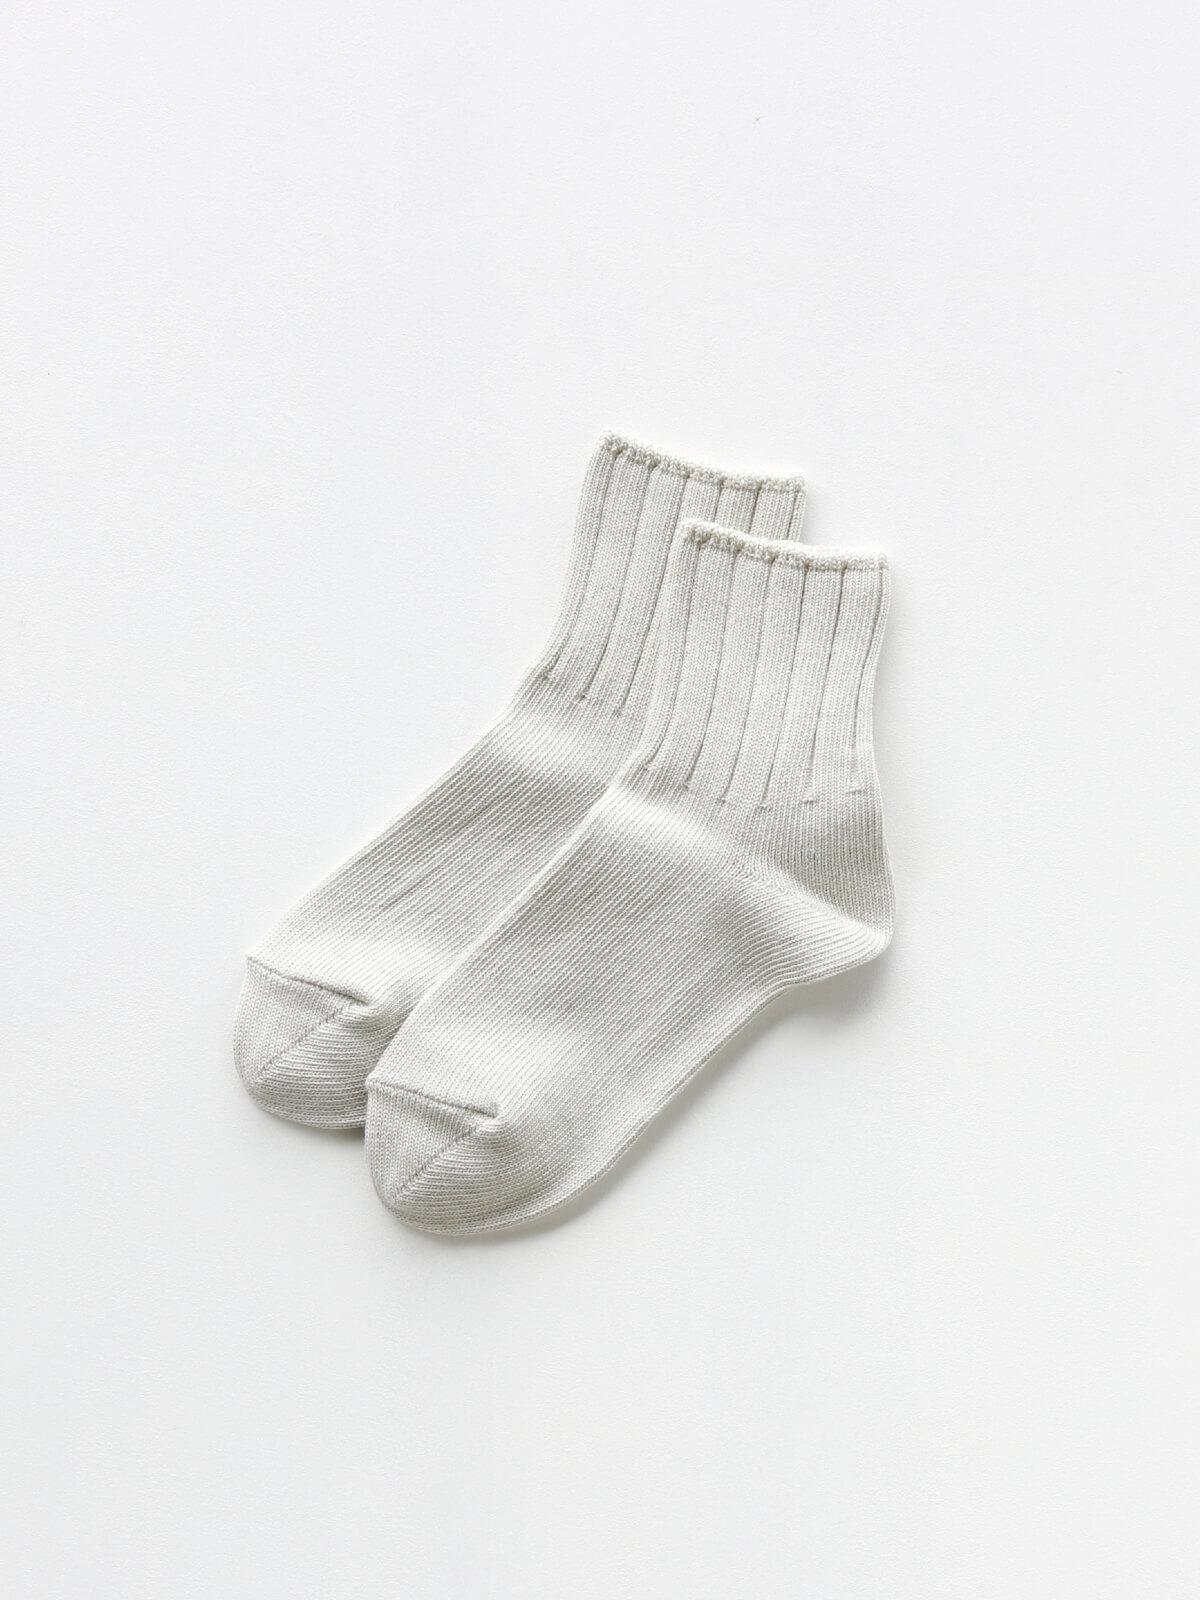 当たりつきギフト専用靴下のLUCKY SOCKS(ラッキーソックス)のSmooth Ankle Socks(スムースアンクルソックス)のアイボリー_2